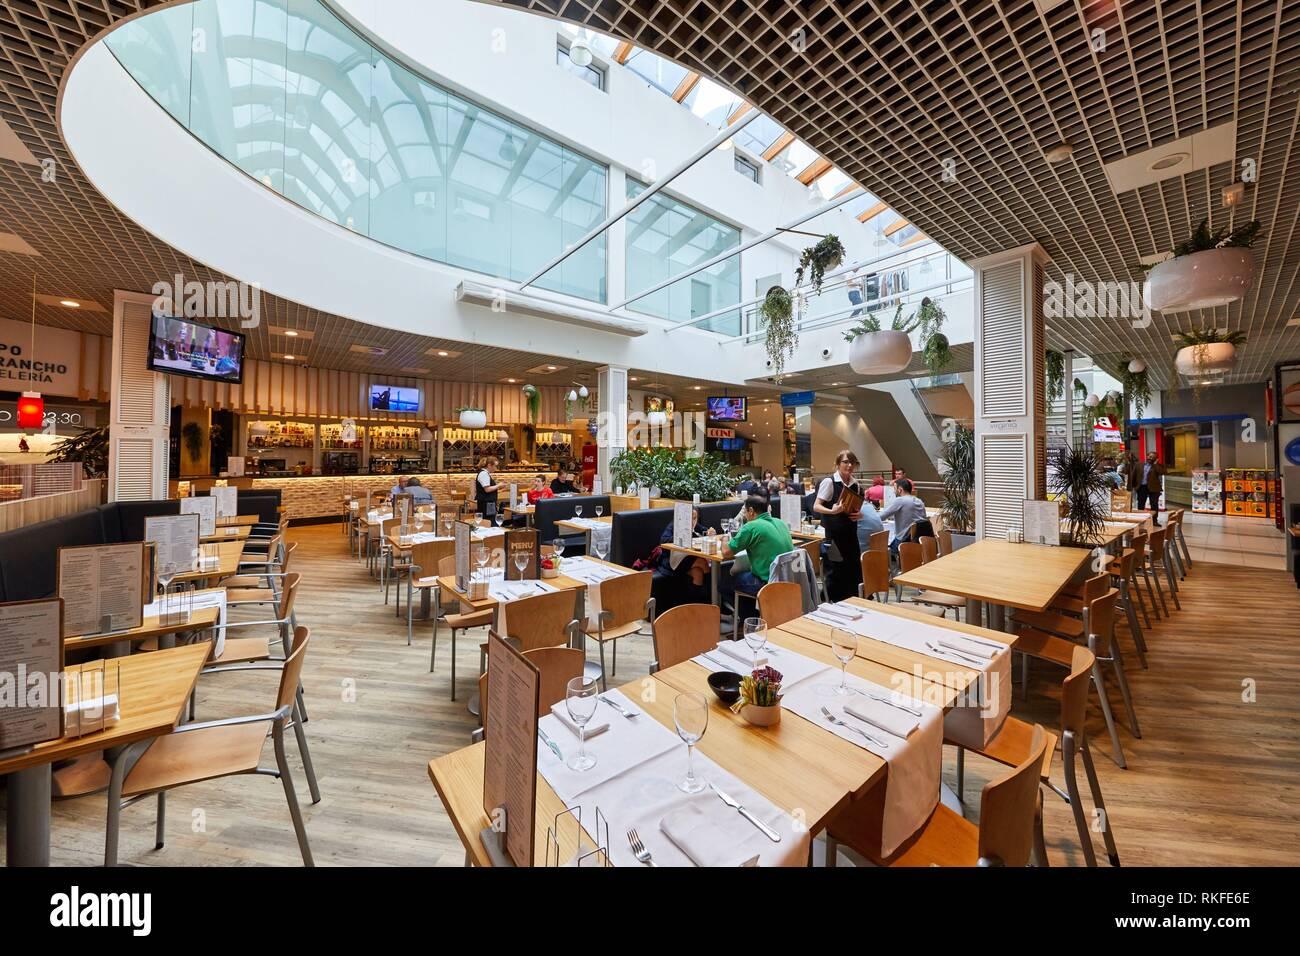 Dining room, Tables to eat, Restaurante Bar Virginia Mendibil Menus & Fast Good, Mall, Centro Comercial Mendibil, Irun, Gipuzkoa, Basque Country, - Stock Image